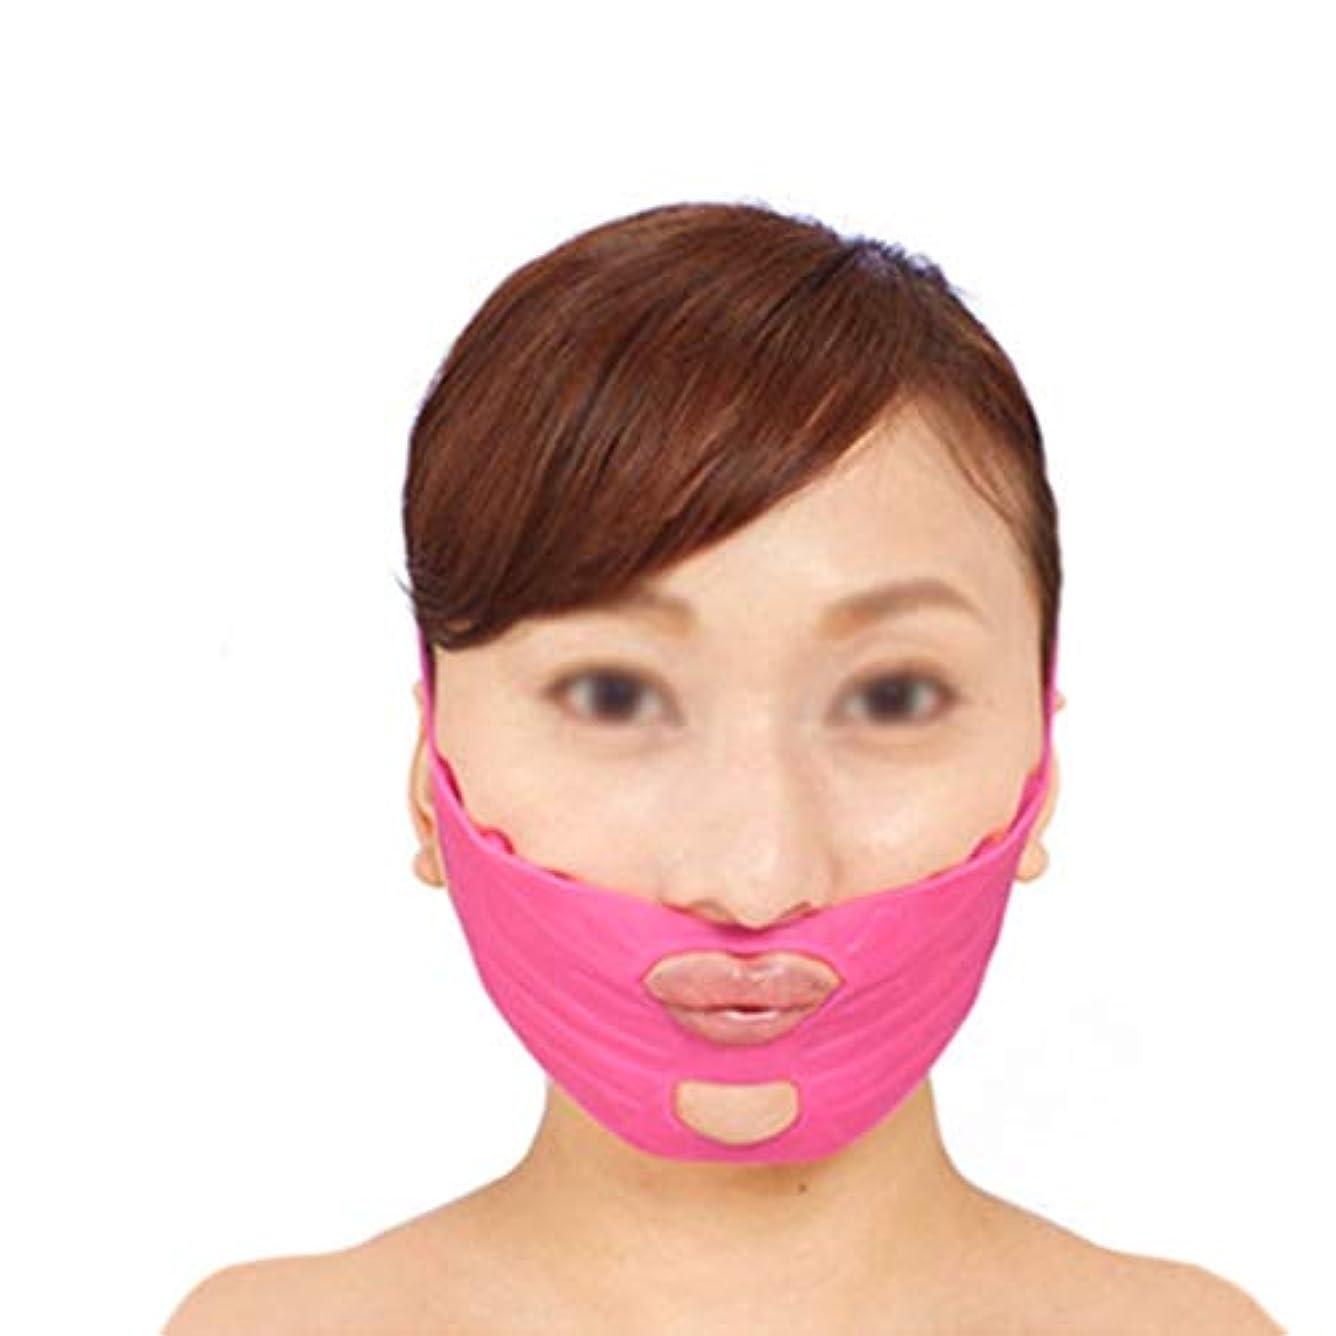 キロメートルフロンティア傾向フェイスストラップ付きマスク、プルアップフェイスマスク、フェイスリフティングマスク、フェイス締め付け包帯、フェイスリフティング包帯、フェイスバンドを持ち上げて二重あごを減らす(ピンク、ワンサイズ)